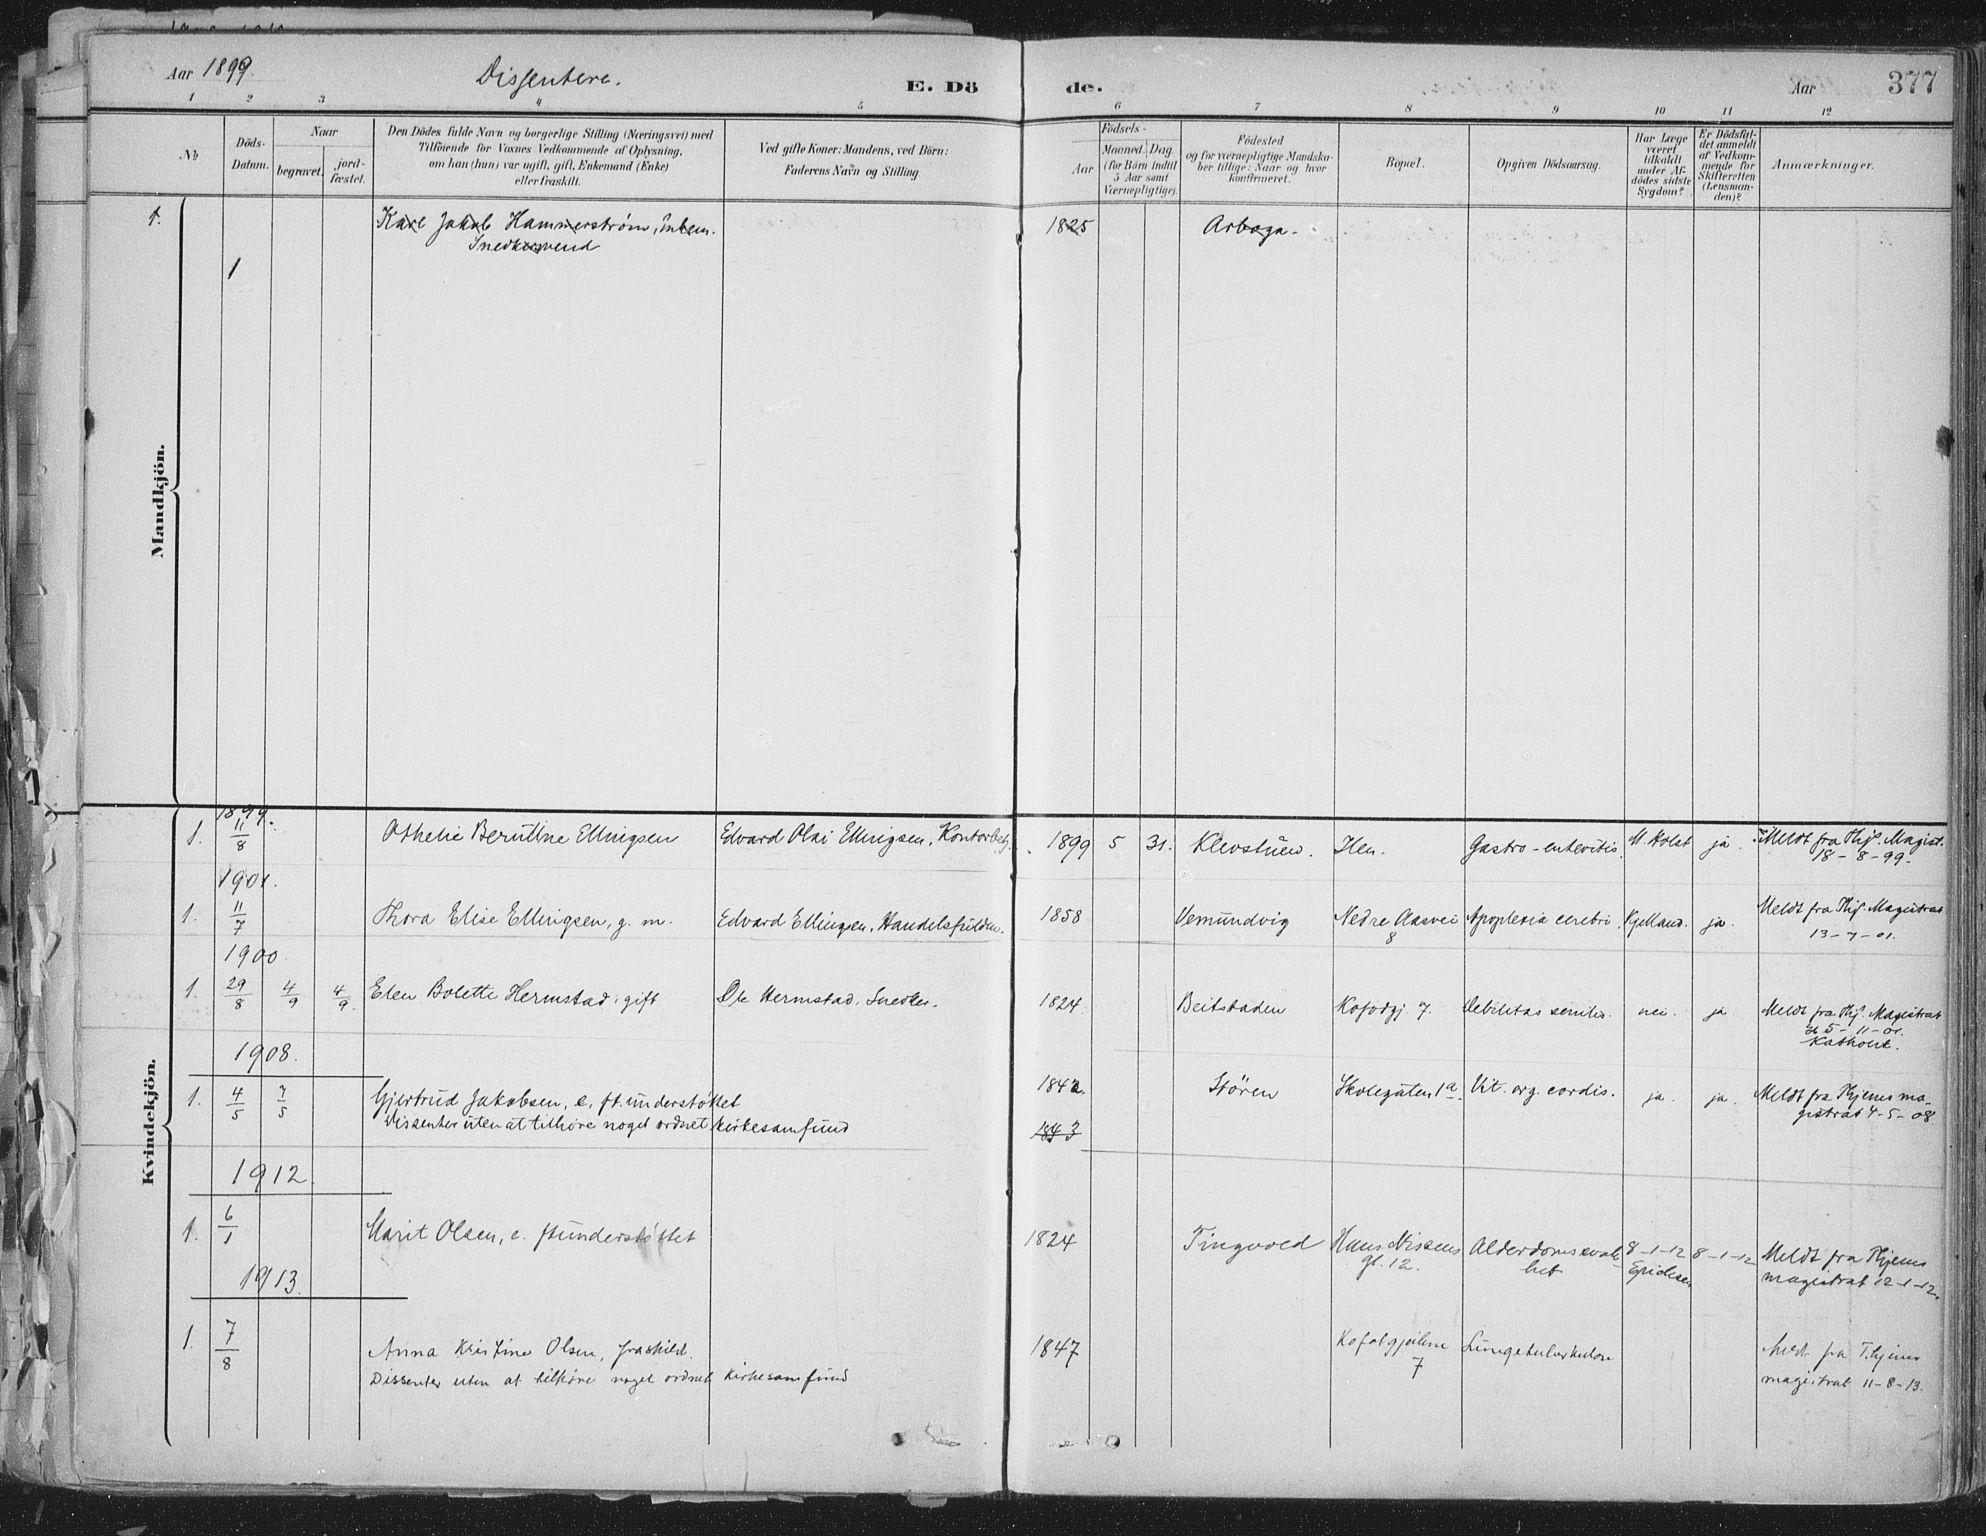 SAT, Ministerialprotokoller, klokkerbøker og fødselsregistre - Sør-Trøndelag, 603/L0167: Ministerialbok nr. 603A06, 1896-1932, s. 377